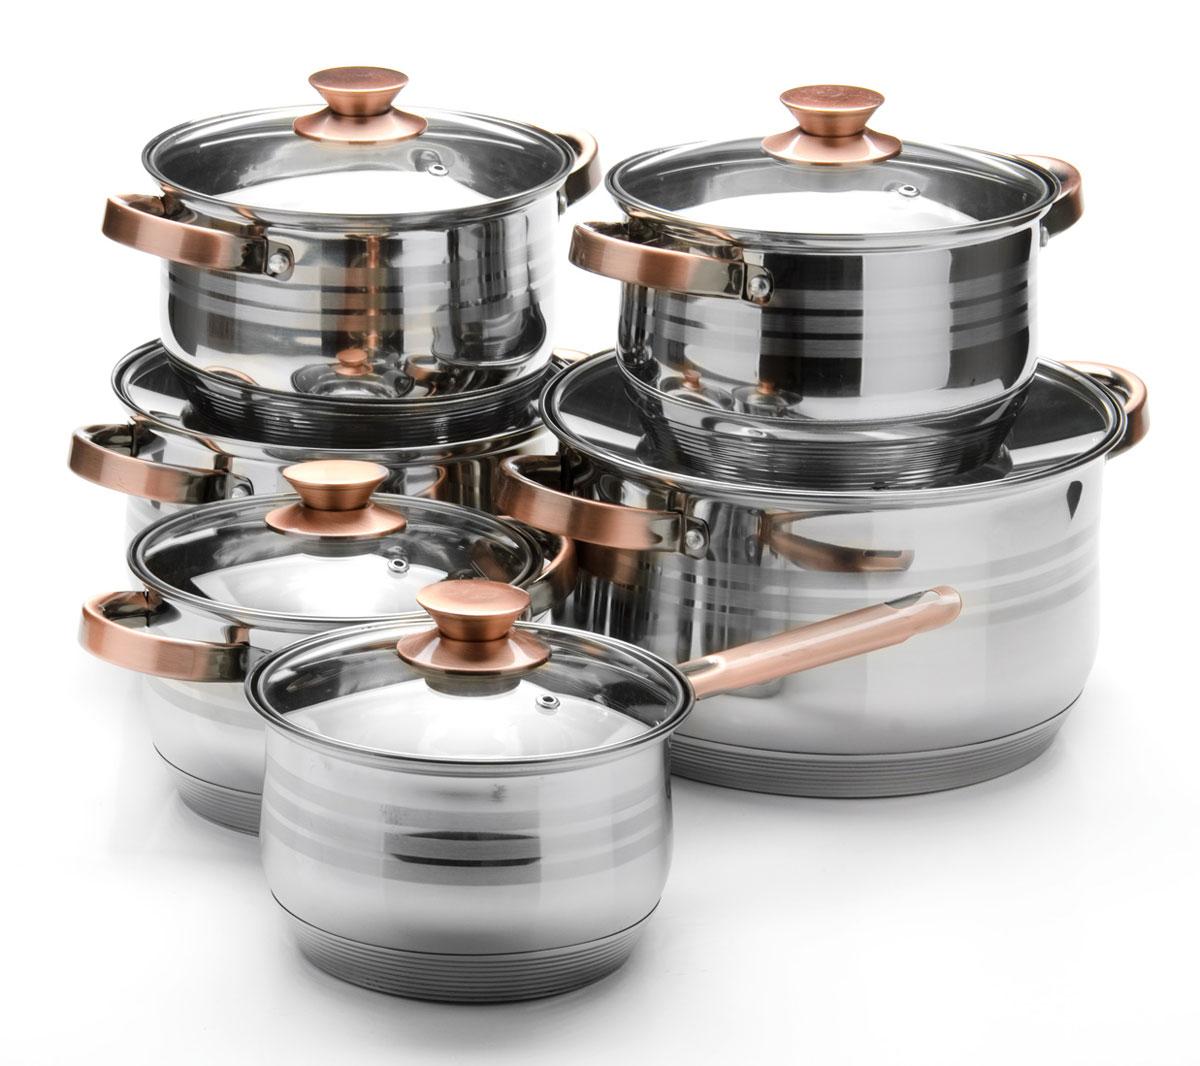 Набор посуды Mayer & Boch, 12 предметов. 26043260432,1+2,1+2,9+2,9+6,6+8л